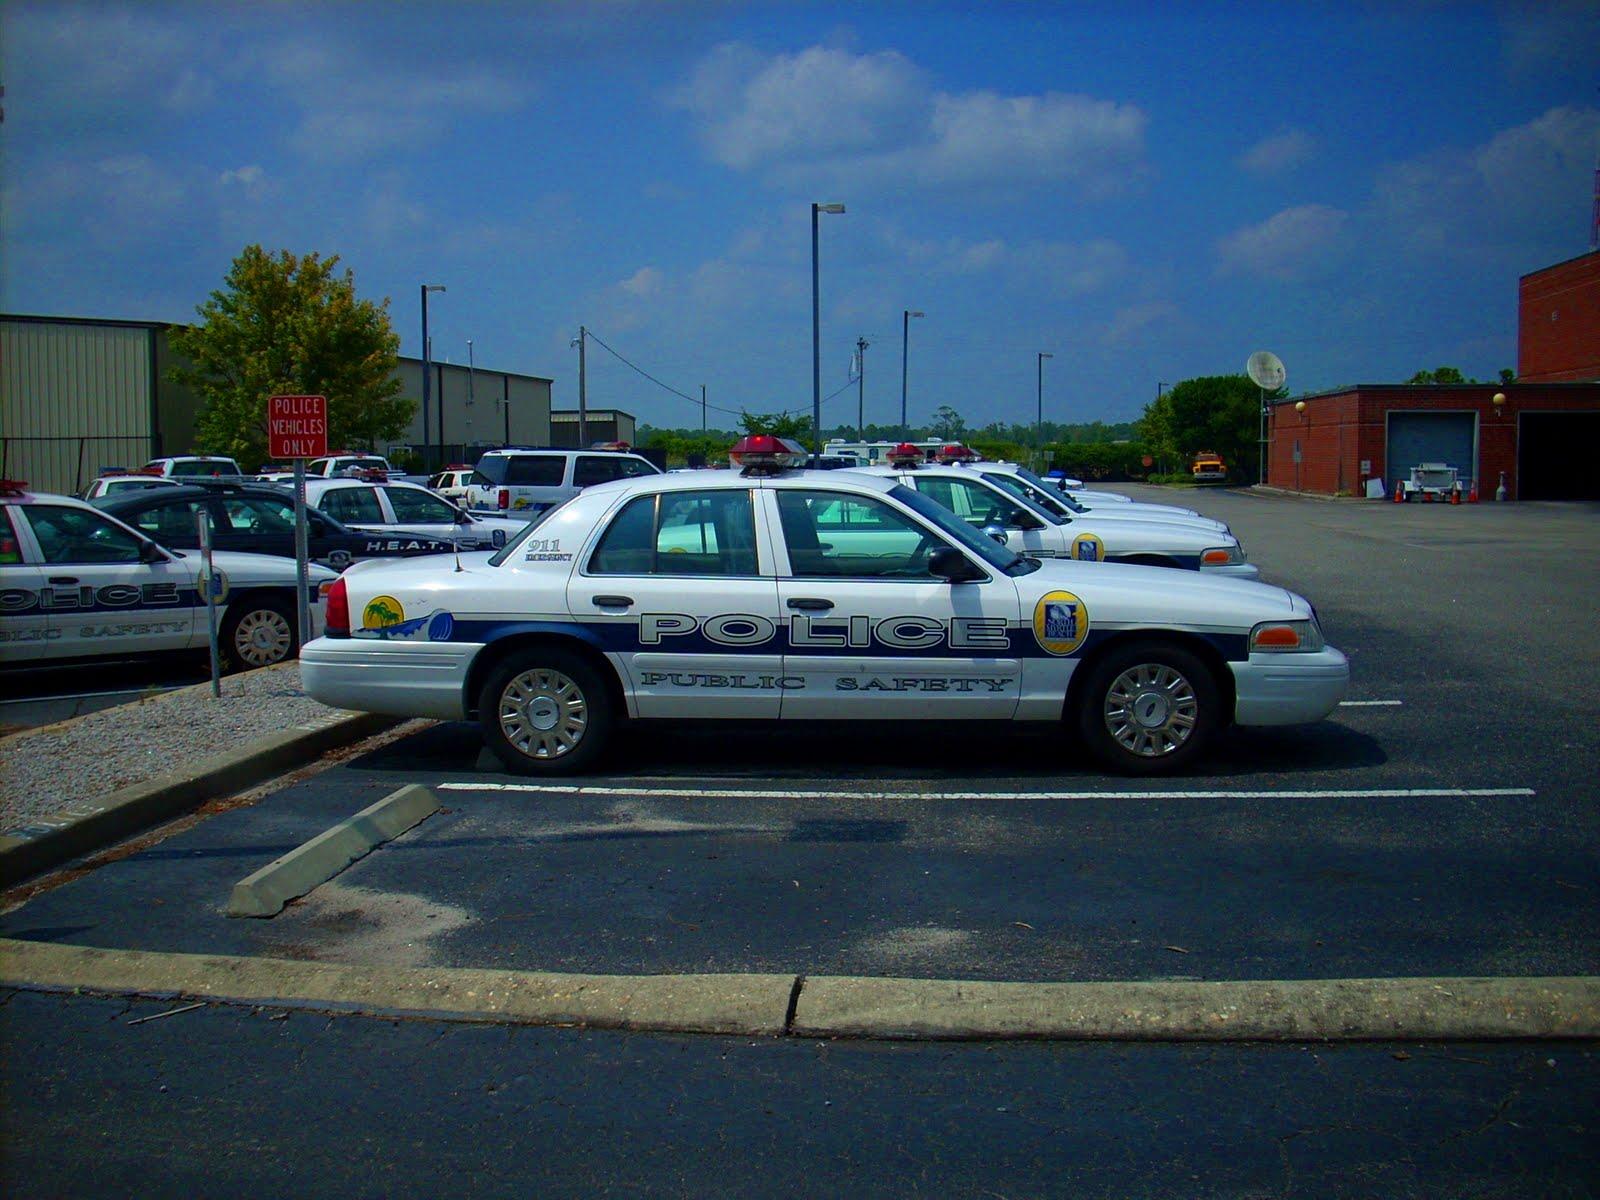 Steve S Police Car Hobby